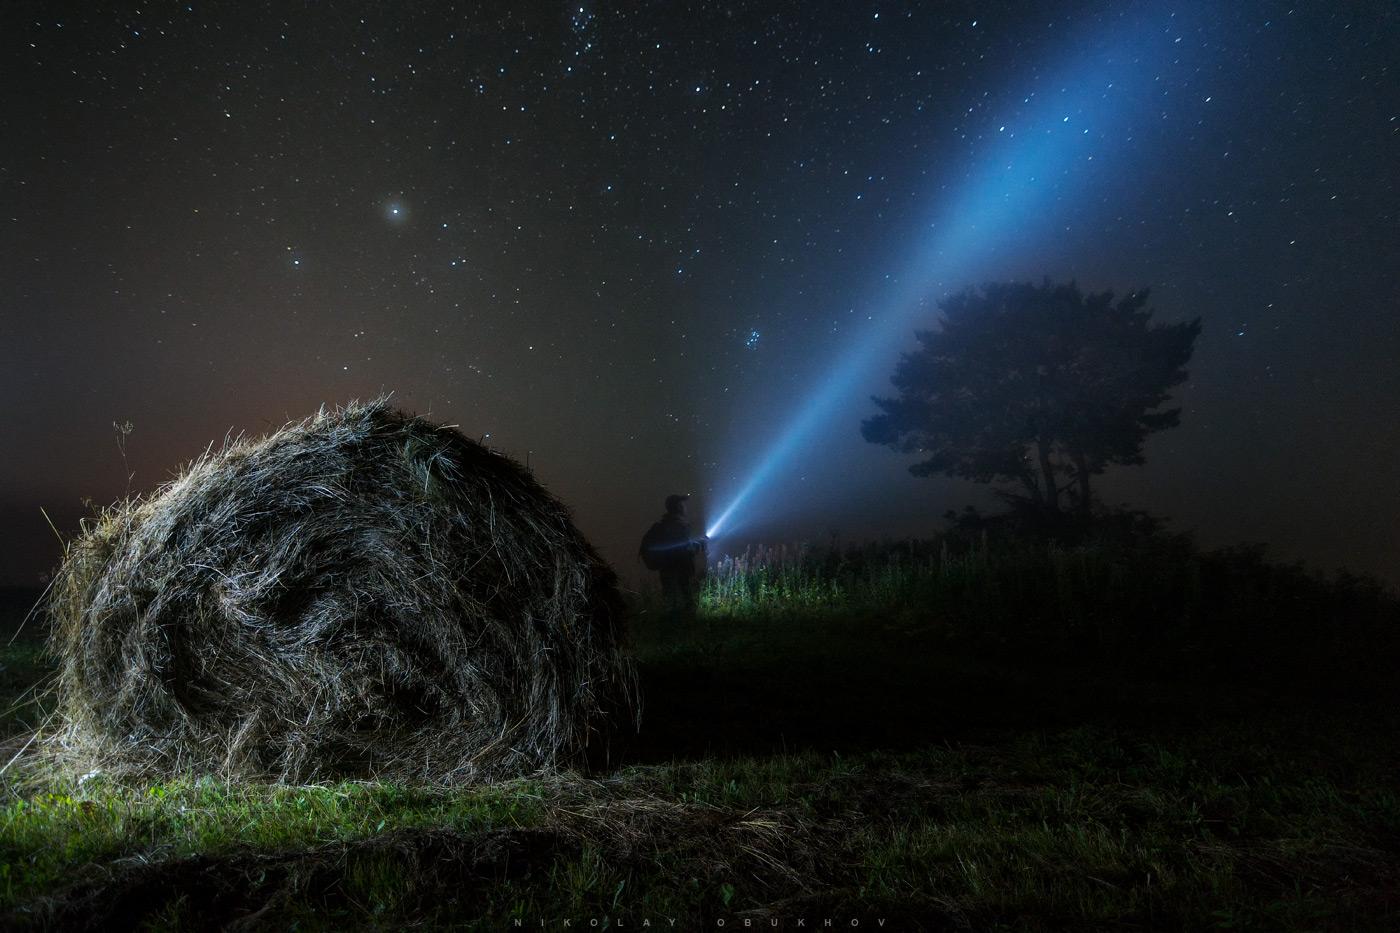 Фото 12. Селфи в ночном тумане. Камера Nikon D7100 с объективом Tokina 11-16mm f/2.8 DX II. 12 mm, ISO 1600, f/2.8, 30 s, 1 кадр.